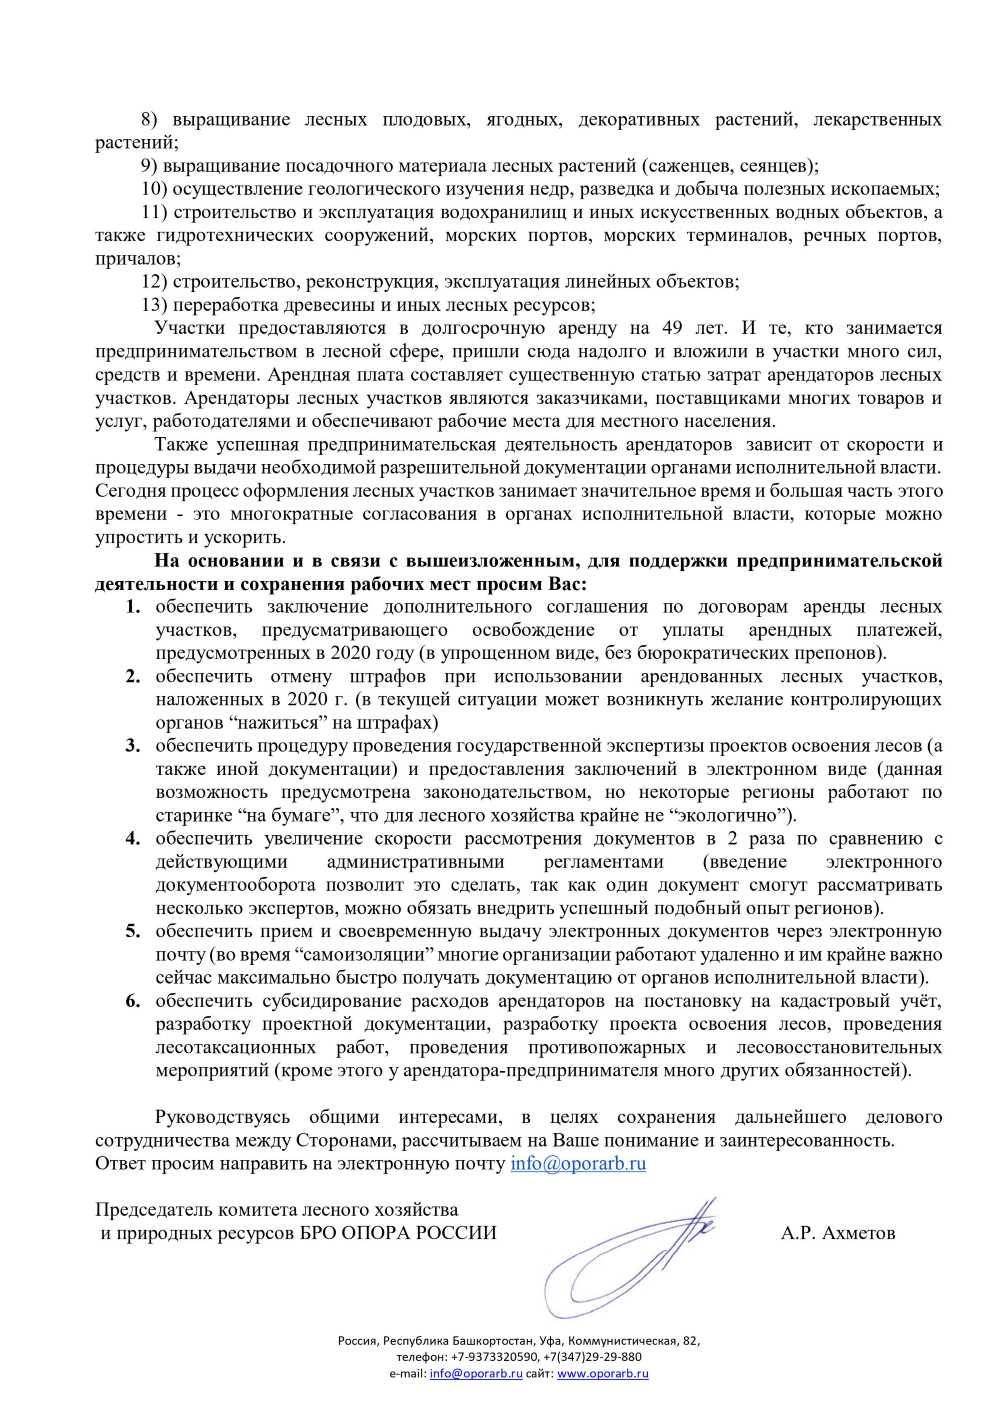 Письмо Правительству Российской Федерации